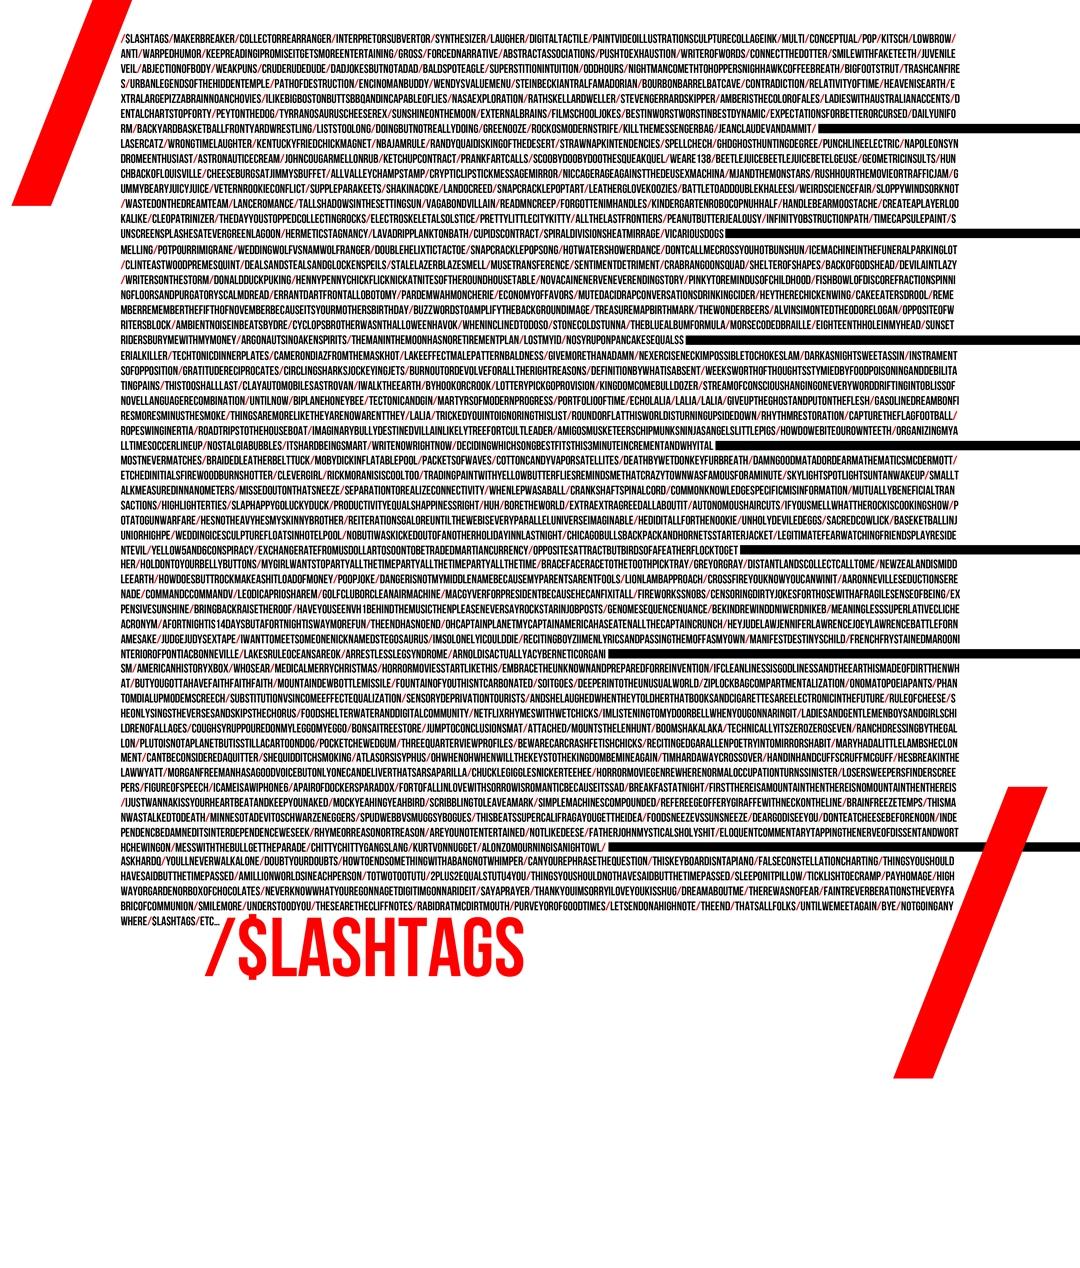 /$lashtags